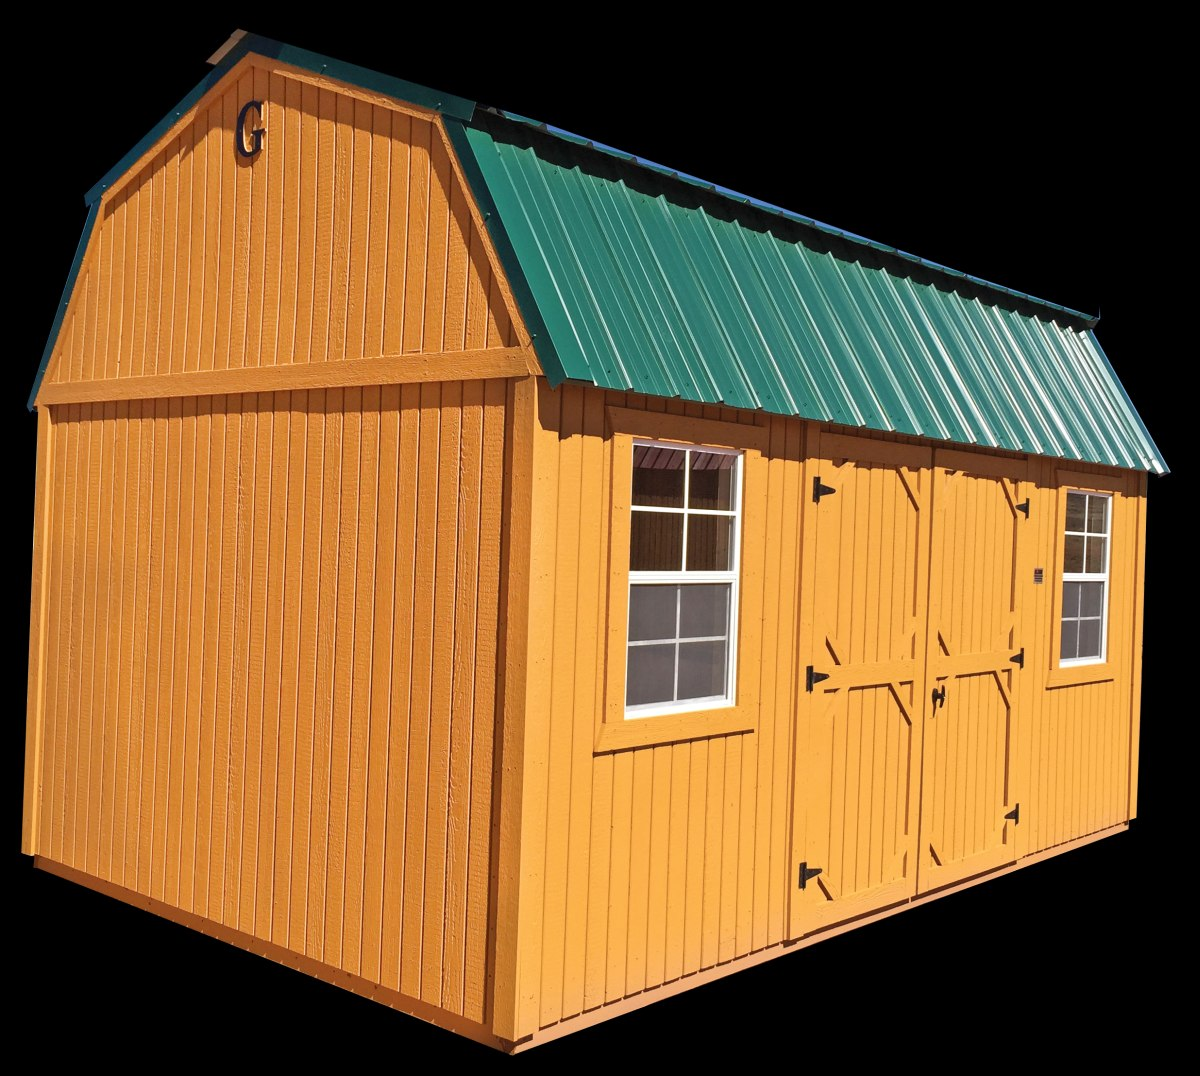 Graceland Portable Buildings Storage Shed : Alto portable buildings graceland storage sheds eagle